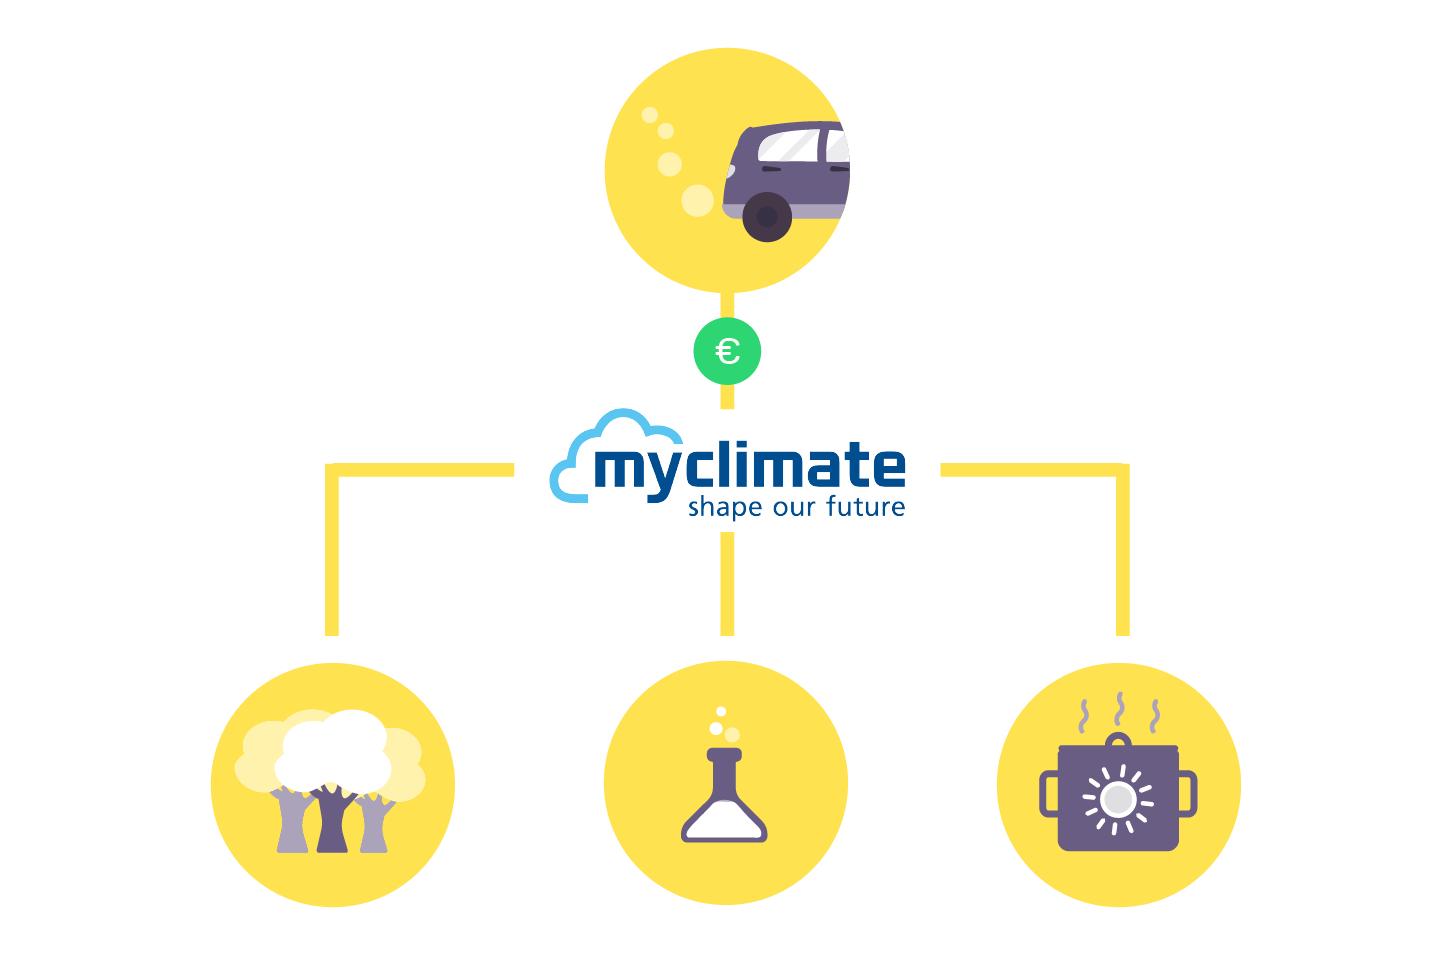 Sparen und Umwelt schonen: Investiere mit ECO in den Klimaschutz